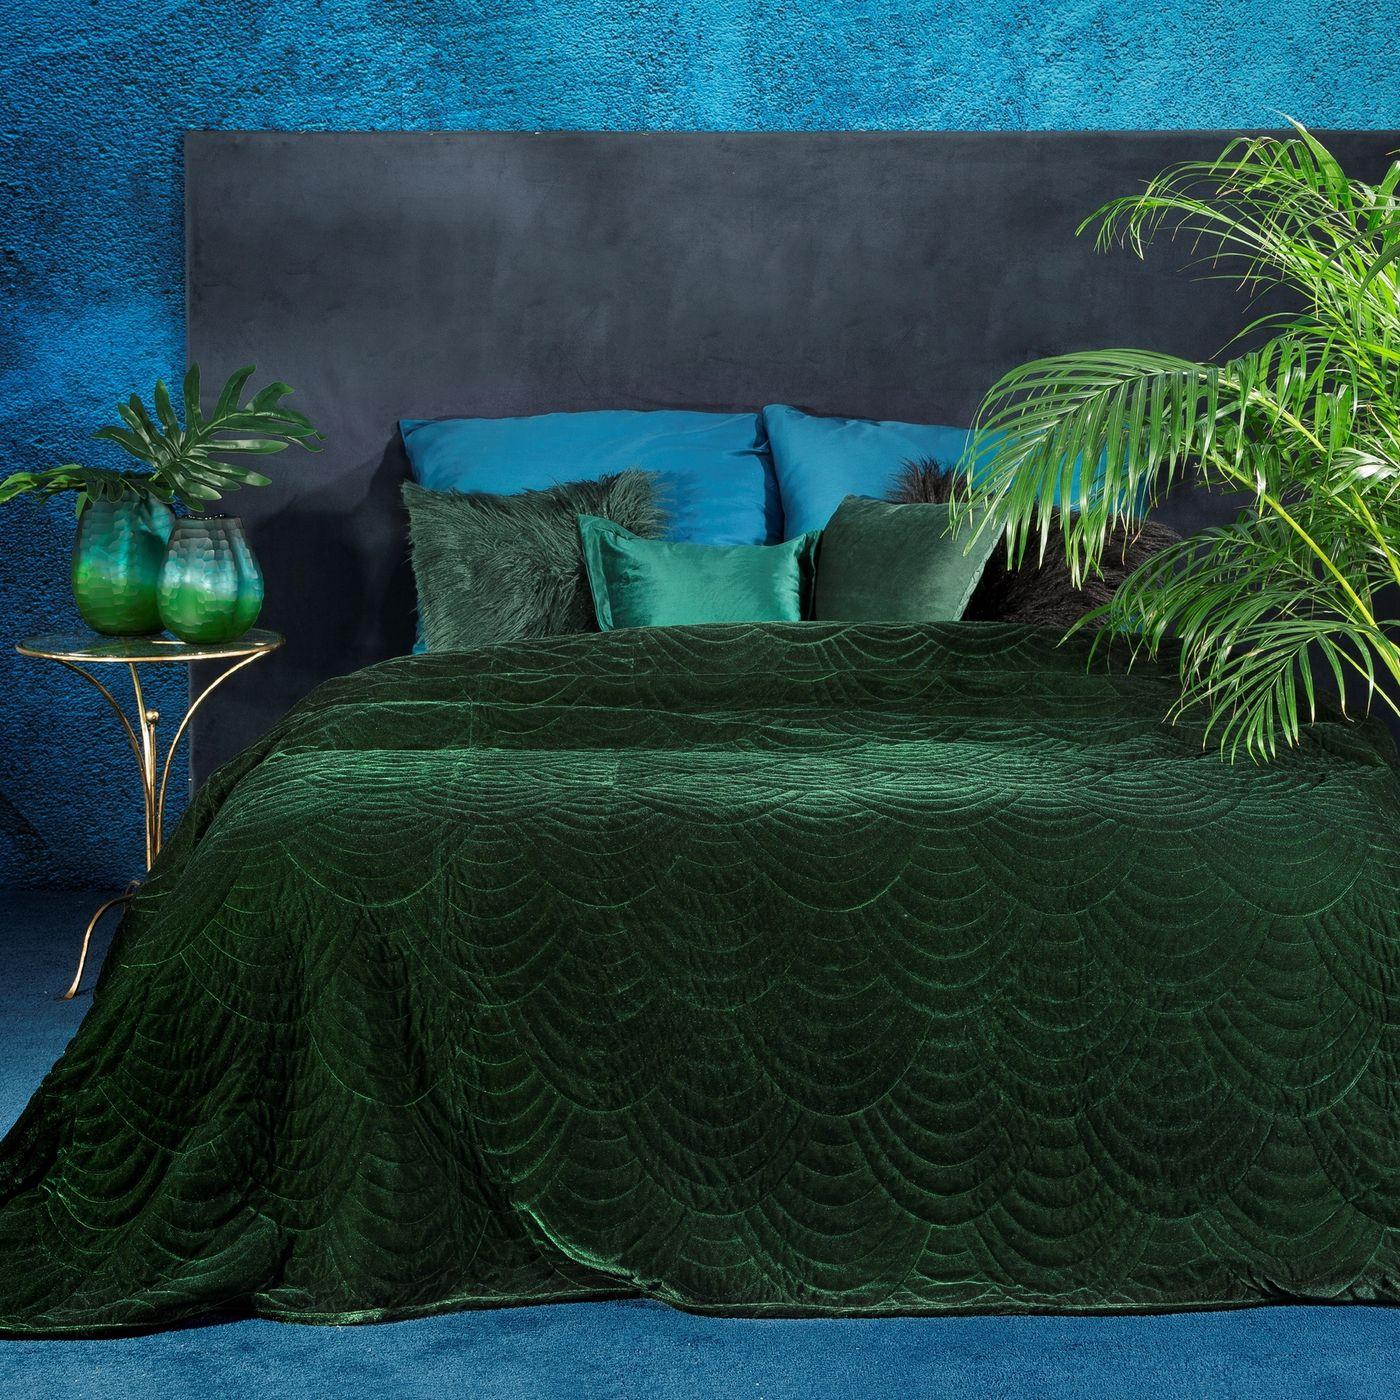 Ekskluzywna narzuta do sypialni pikowana - mój wybór Eva Minge - zielony 220x240 cm